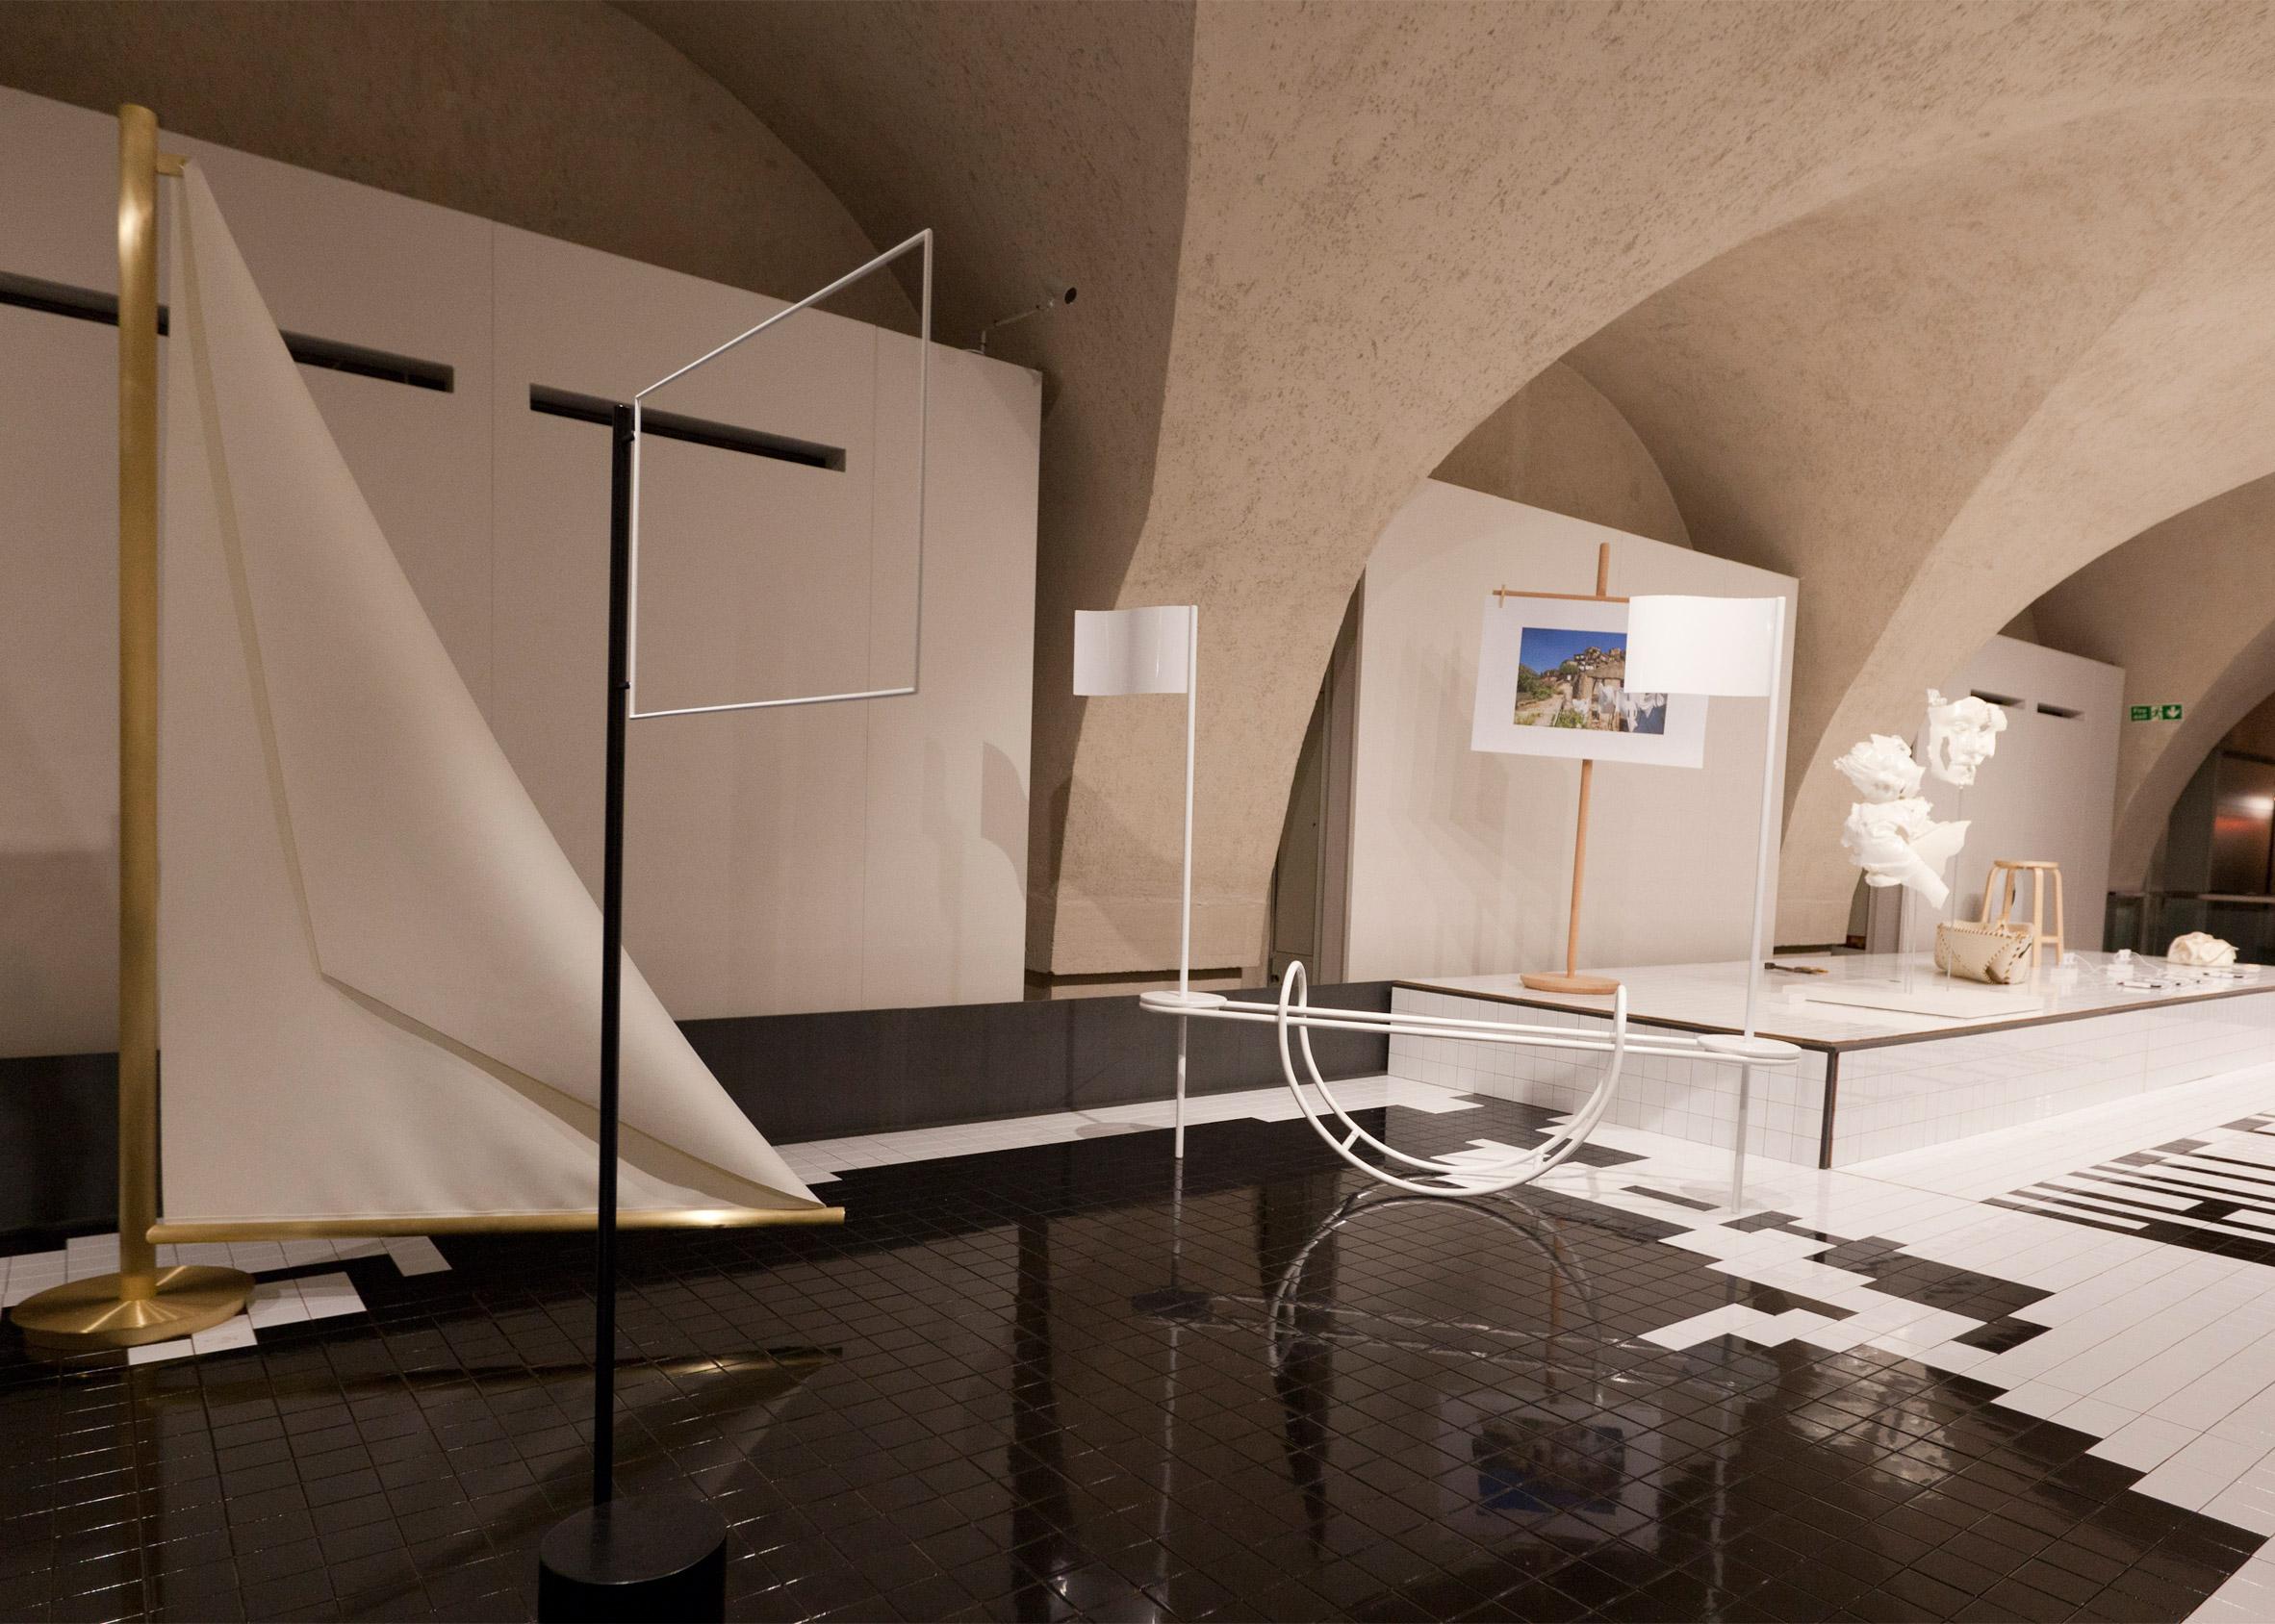 Biennale: White Flag